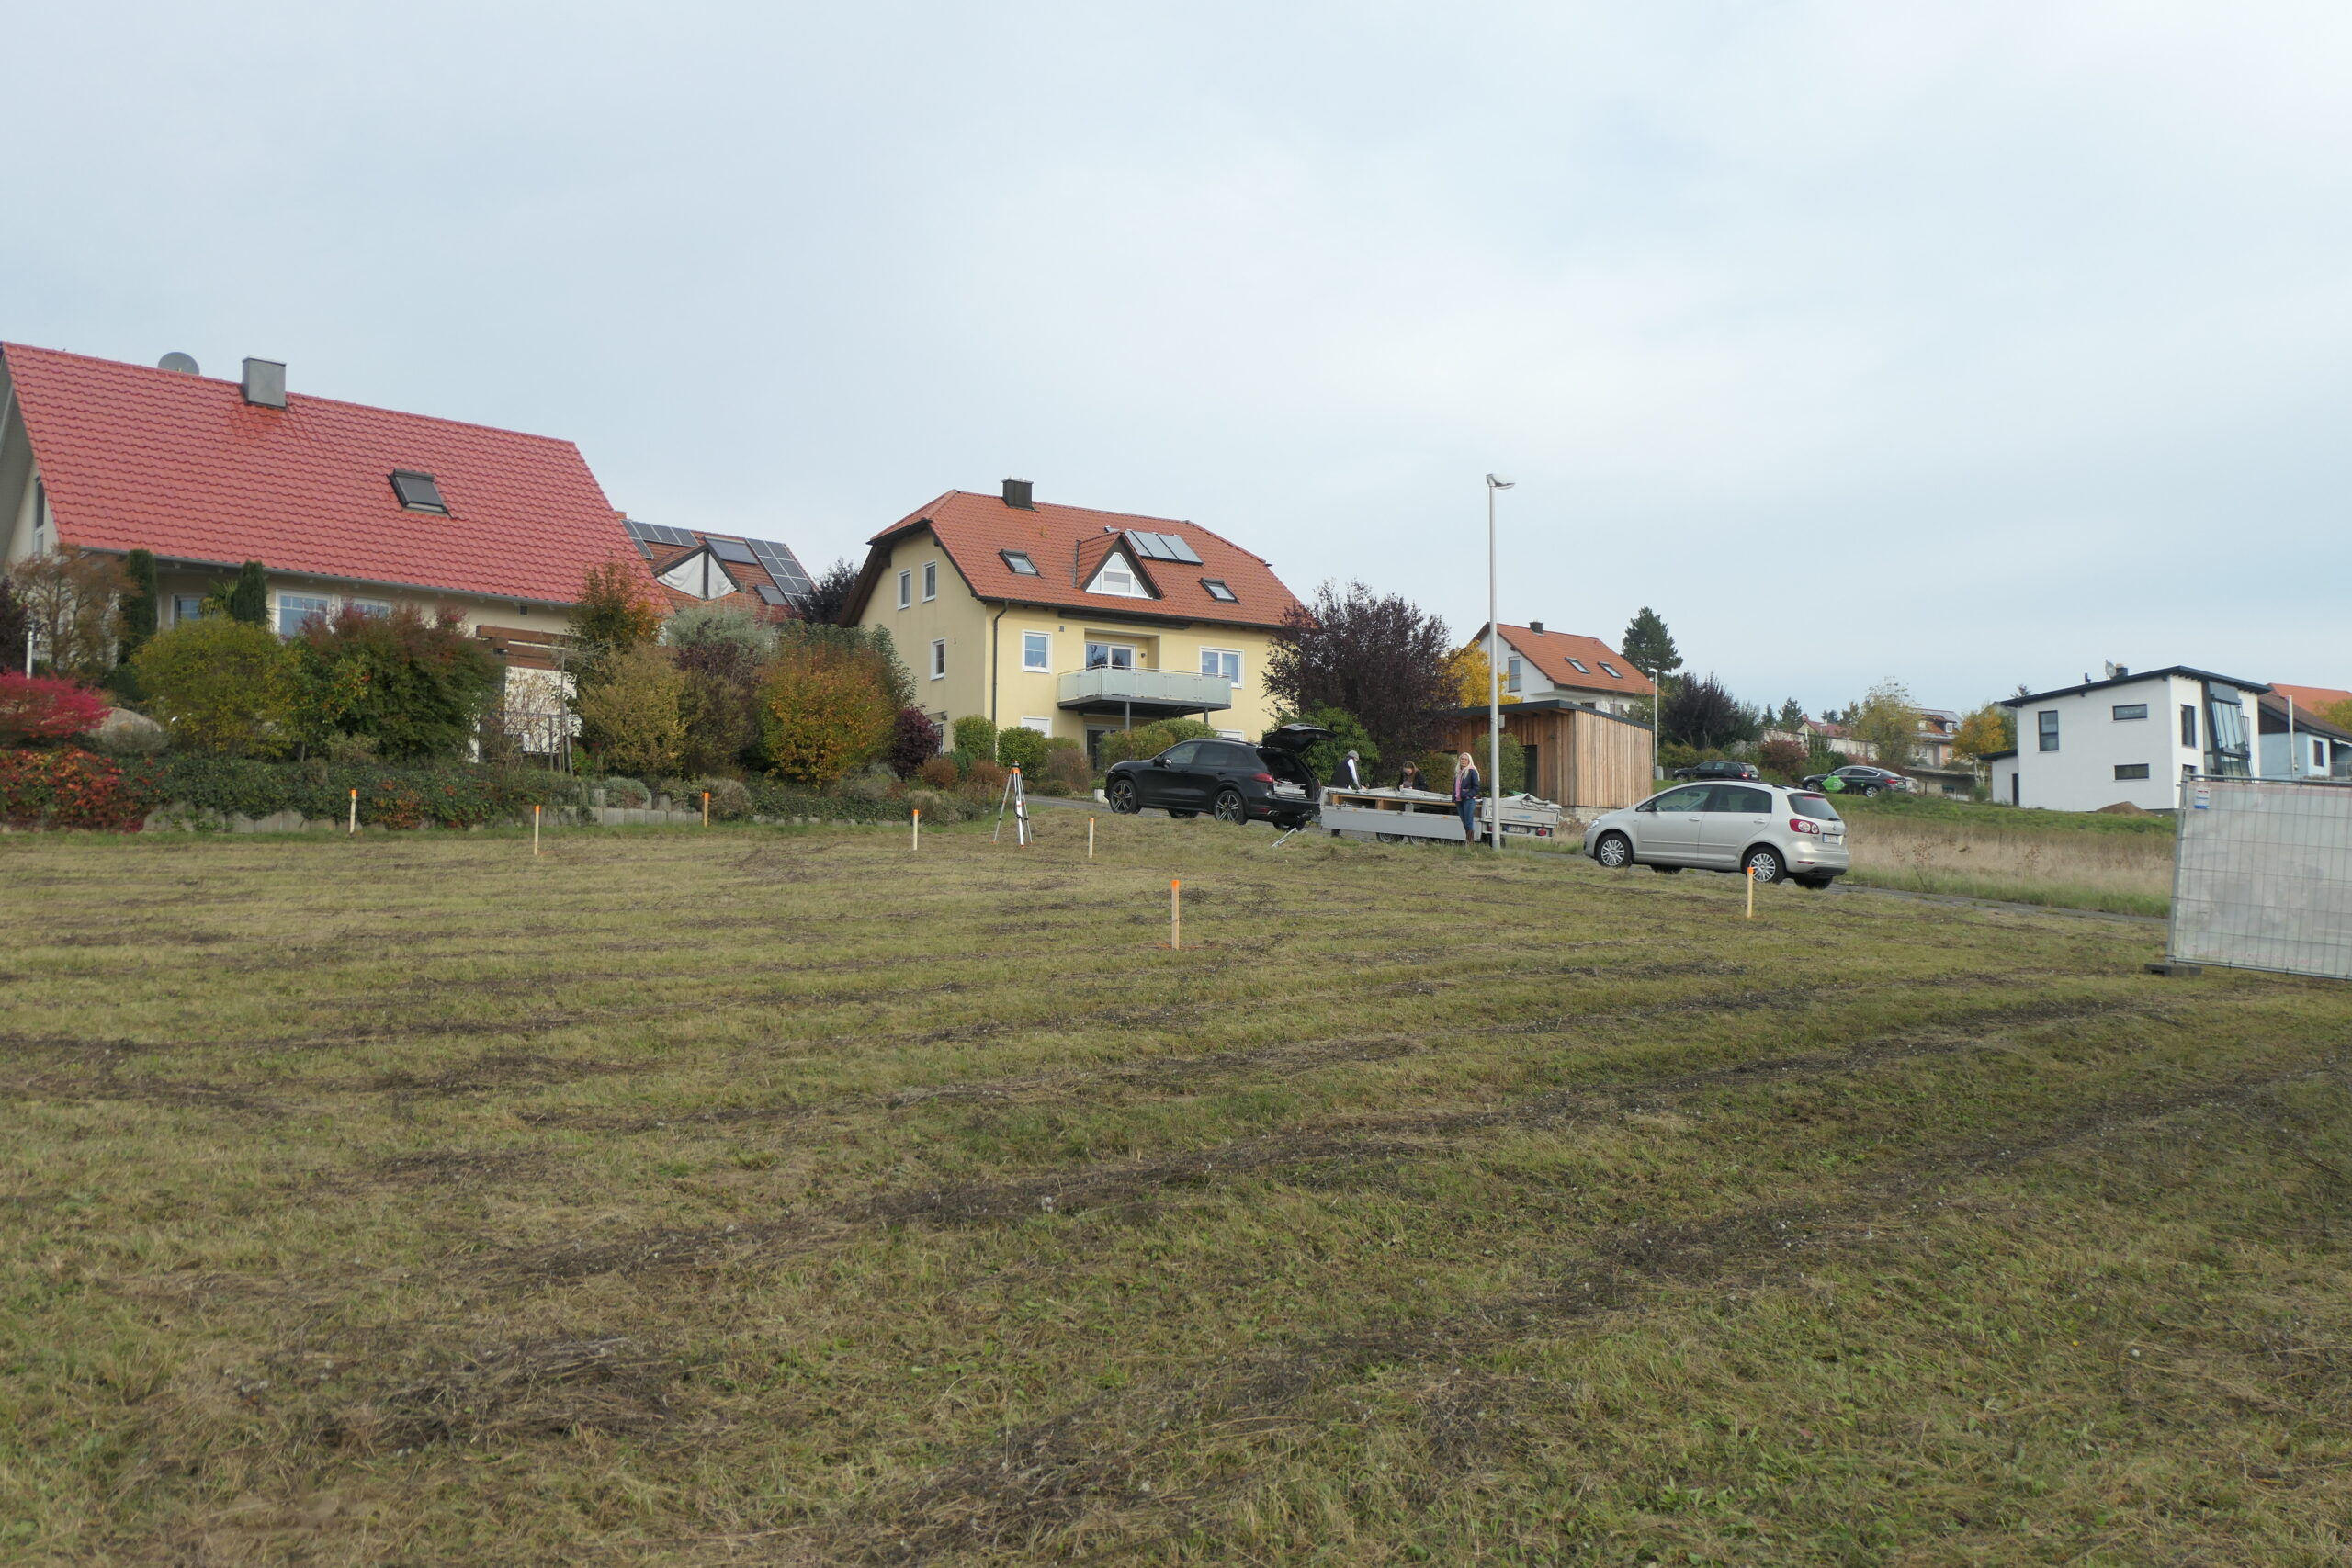 Grundstueck - Von-Muenster-Strasse 18 - Rannungen (1)